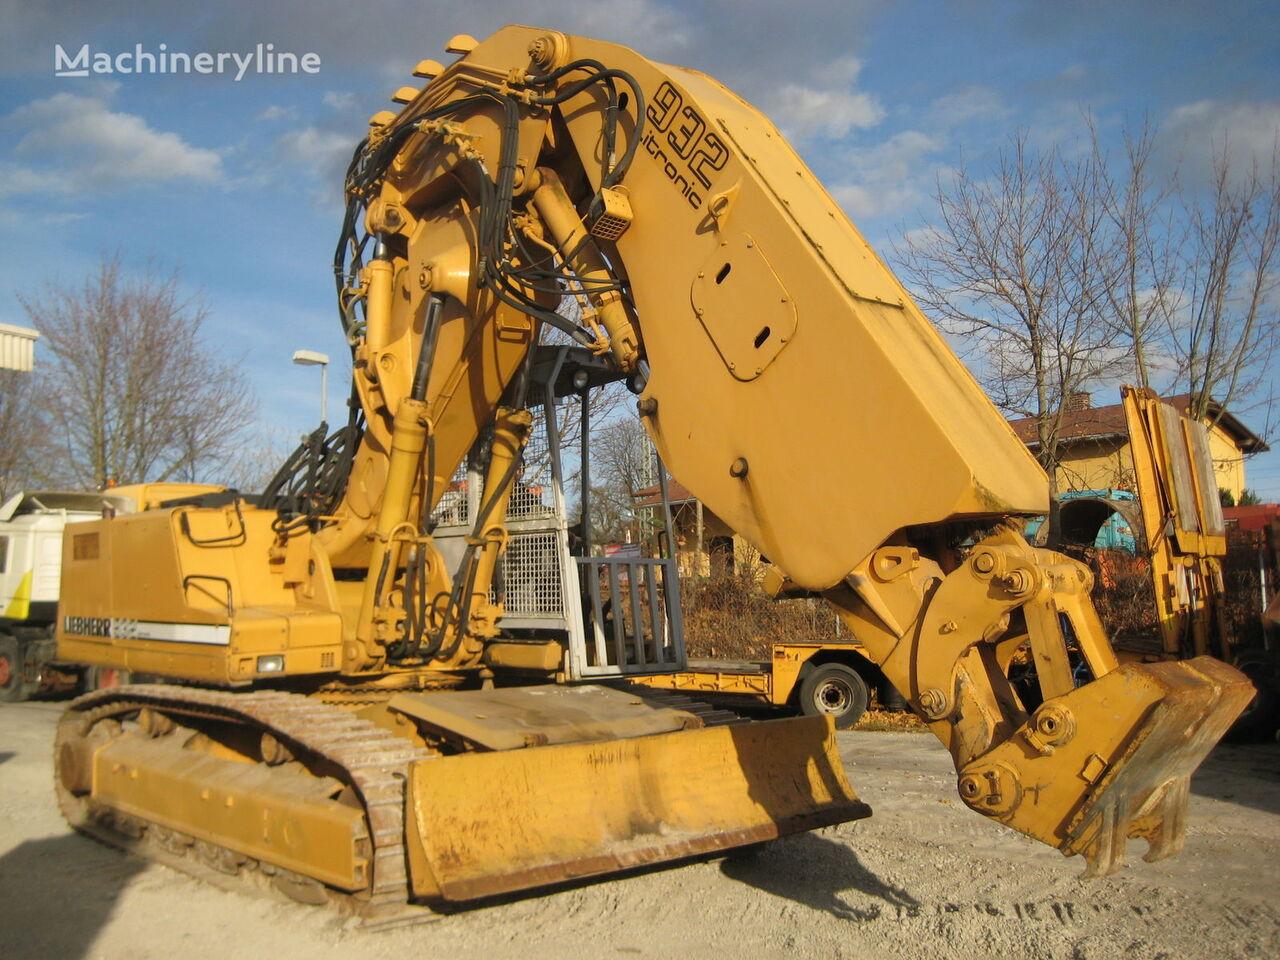 LIEBHERR R932 tracked excavator